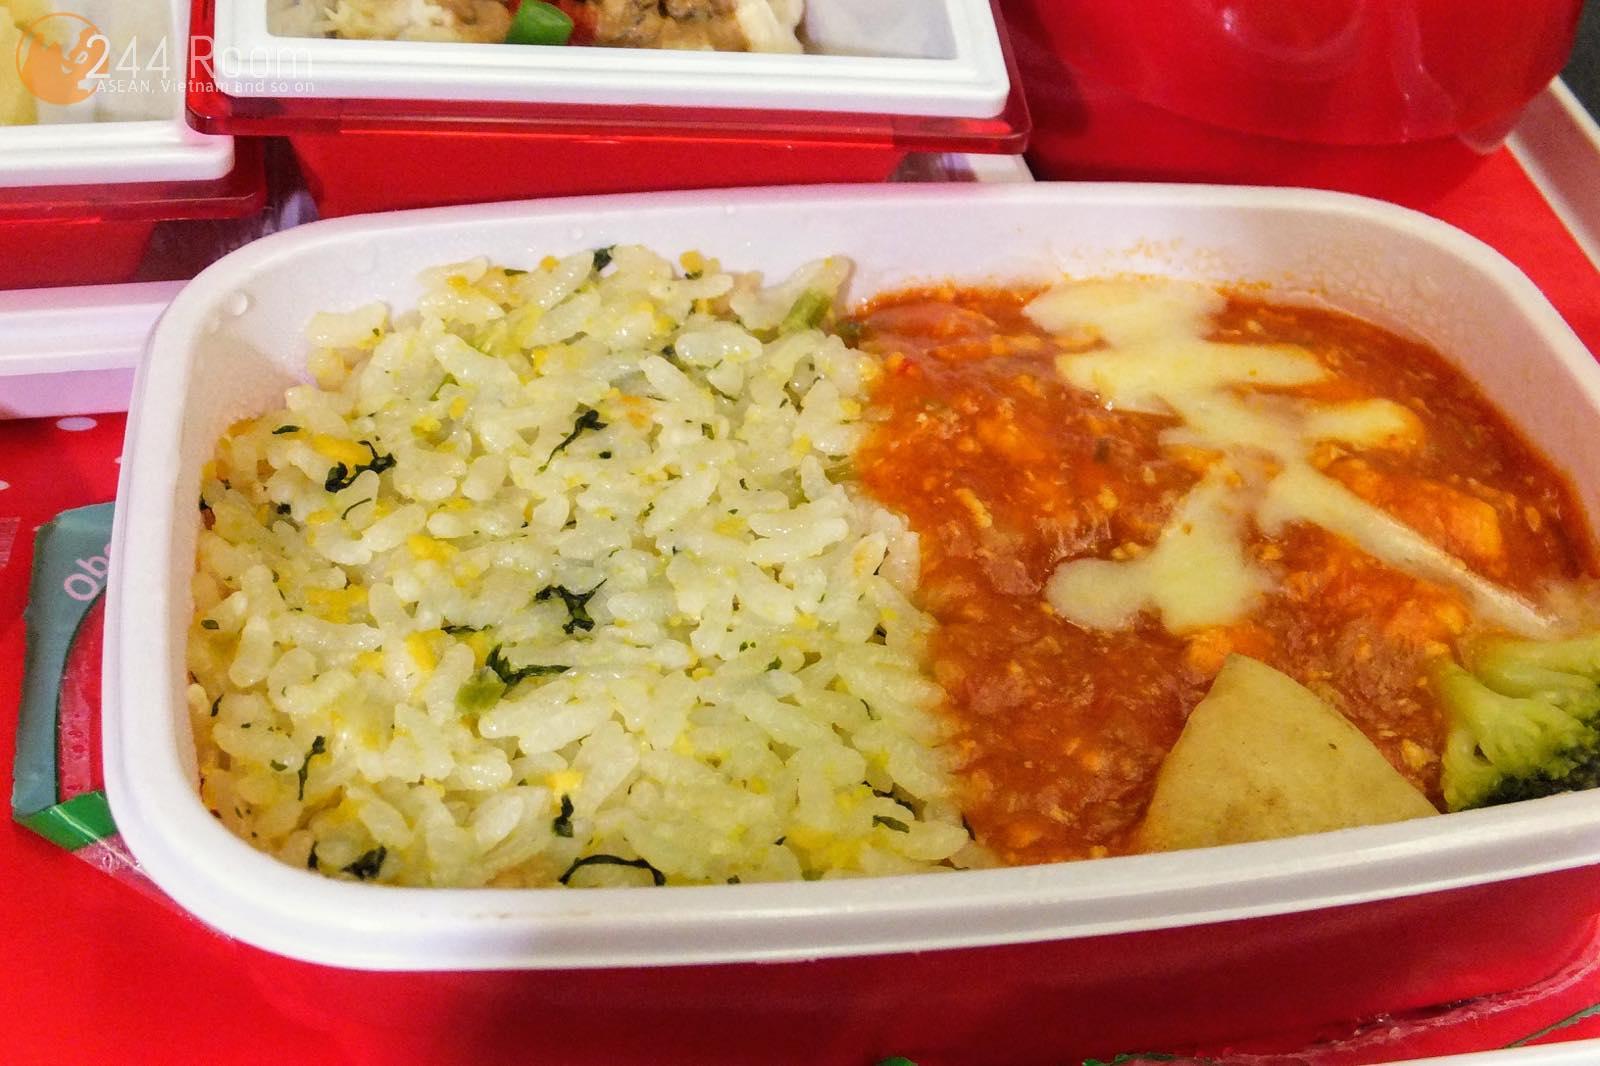 JAL U-35中華機内食 U-35 Flight meal3